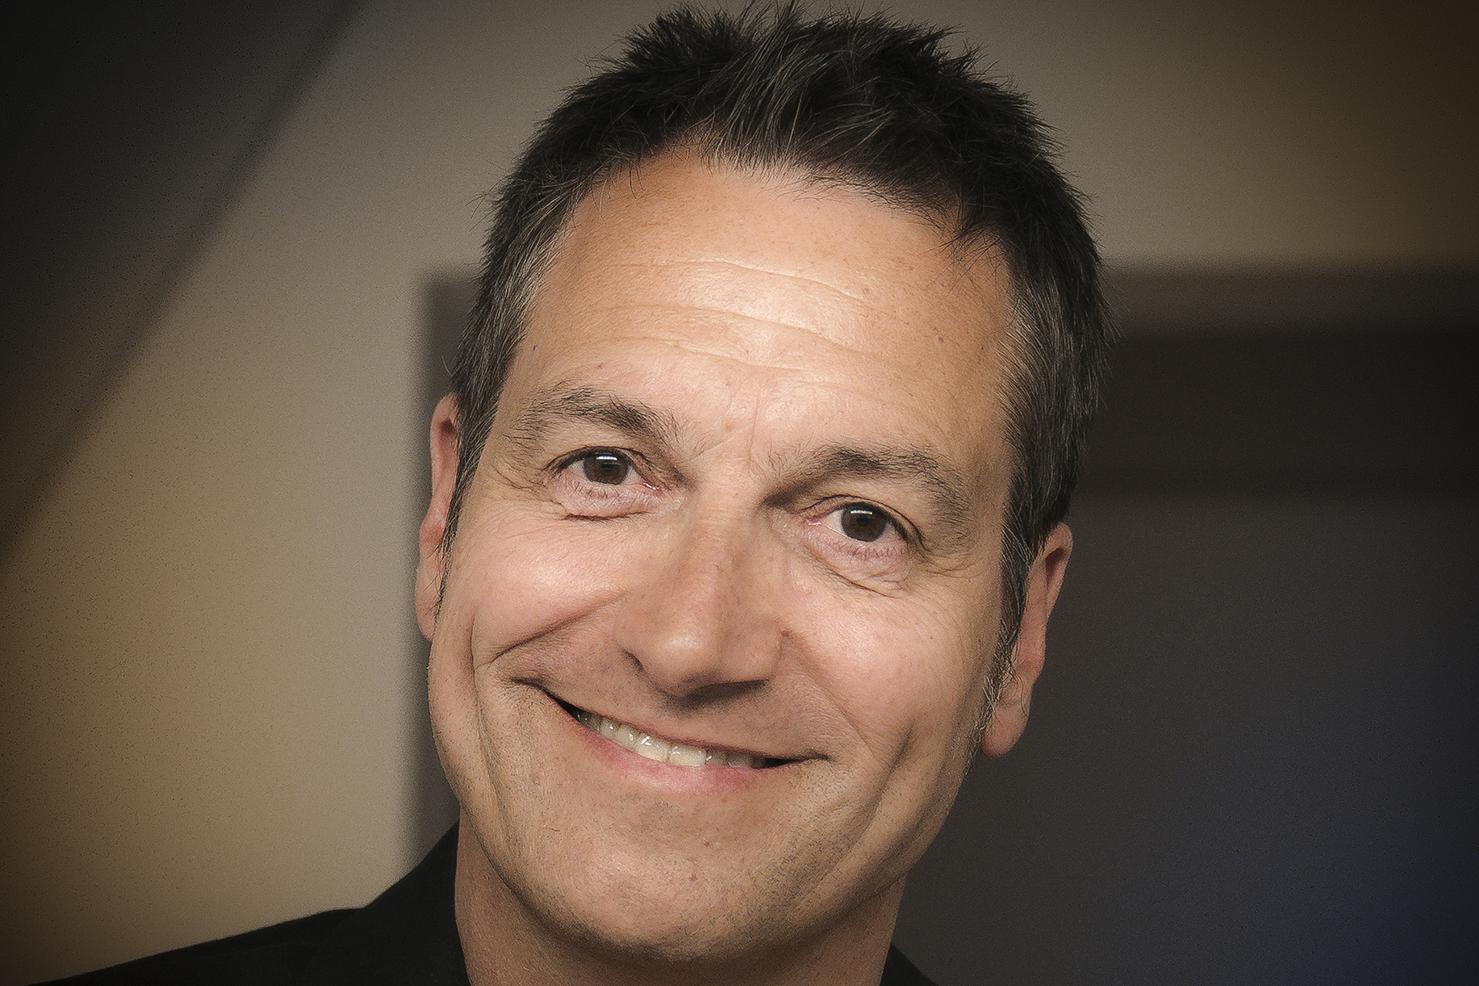 Dieter Nuhr Bremen